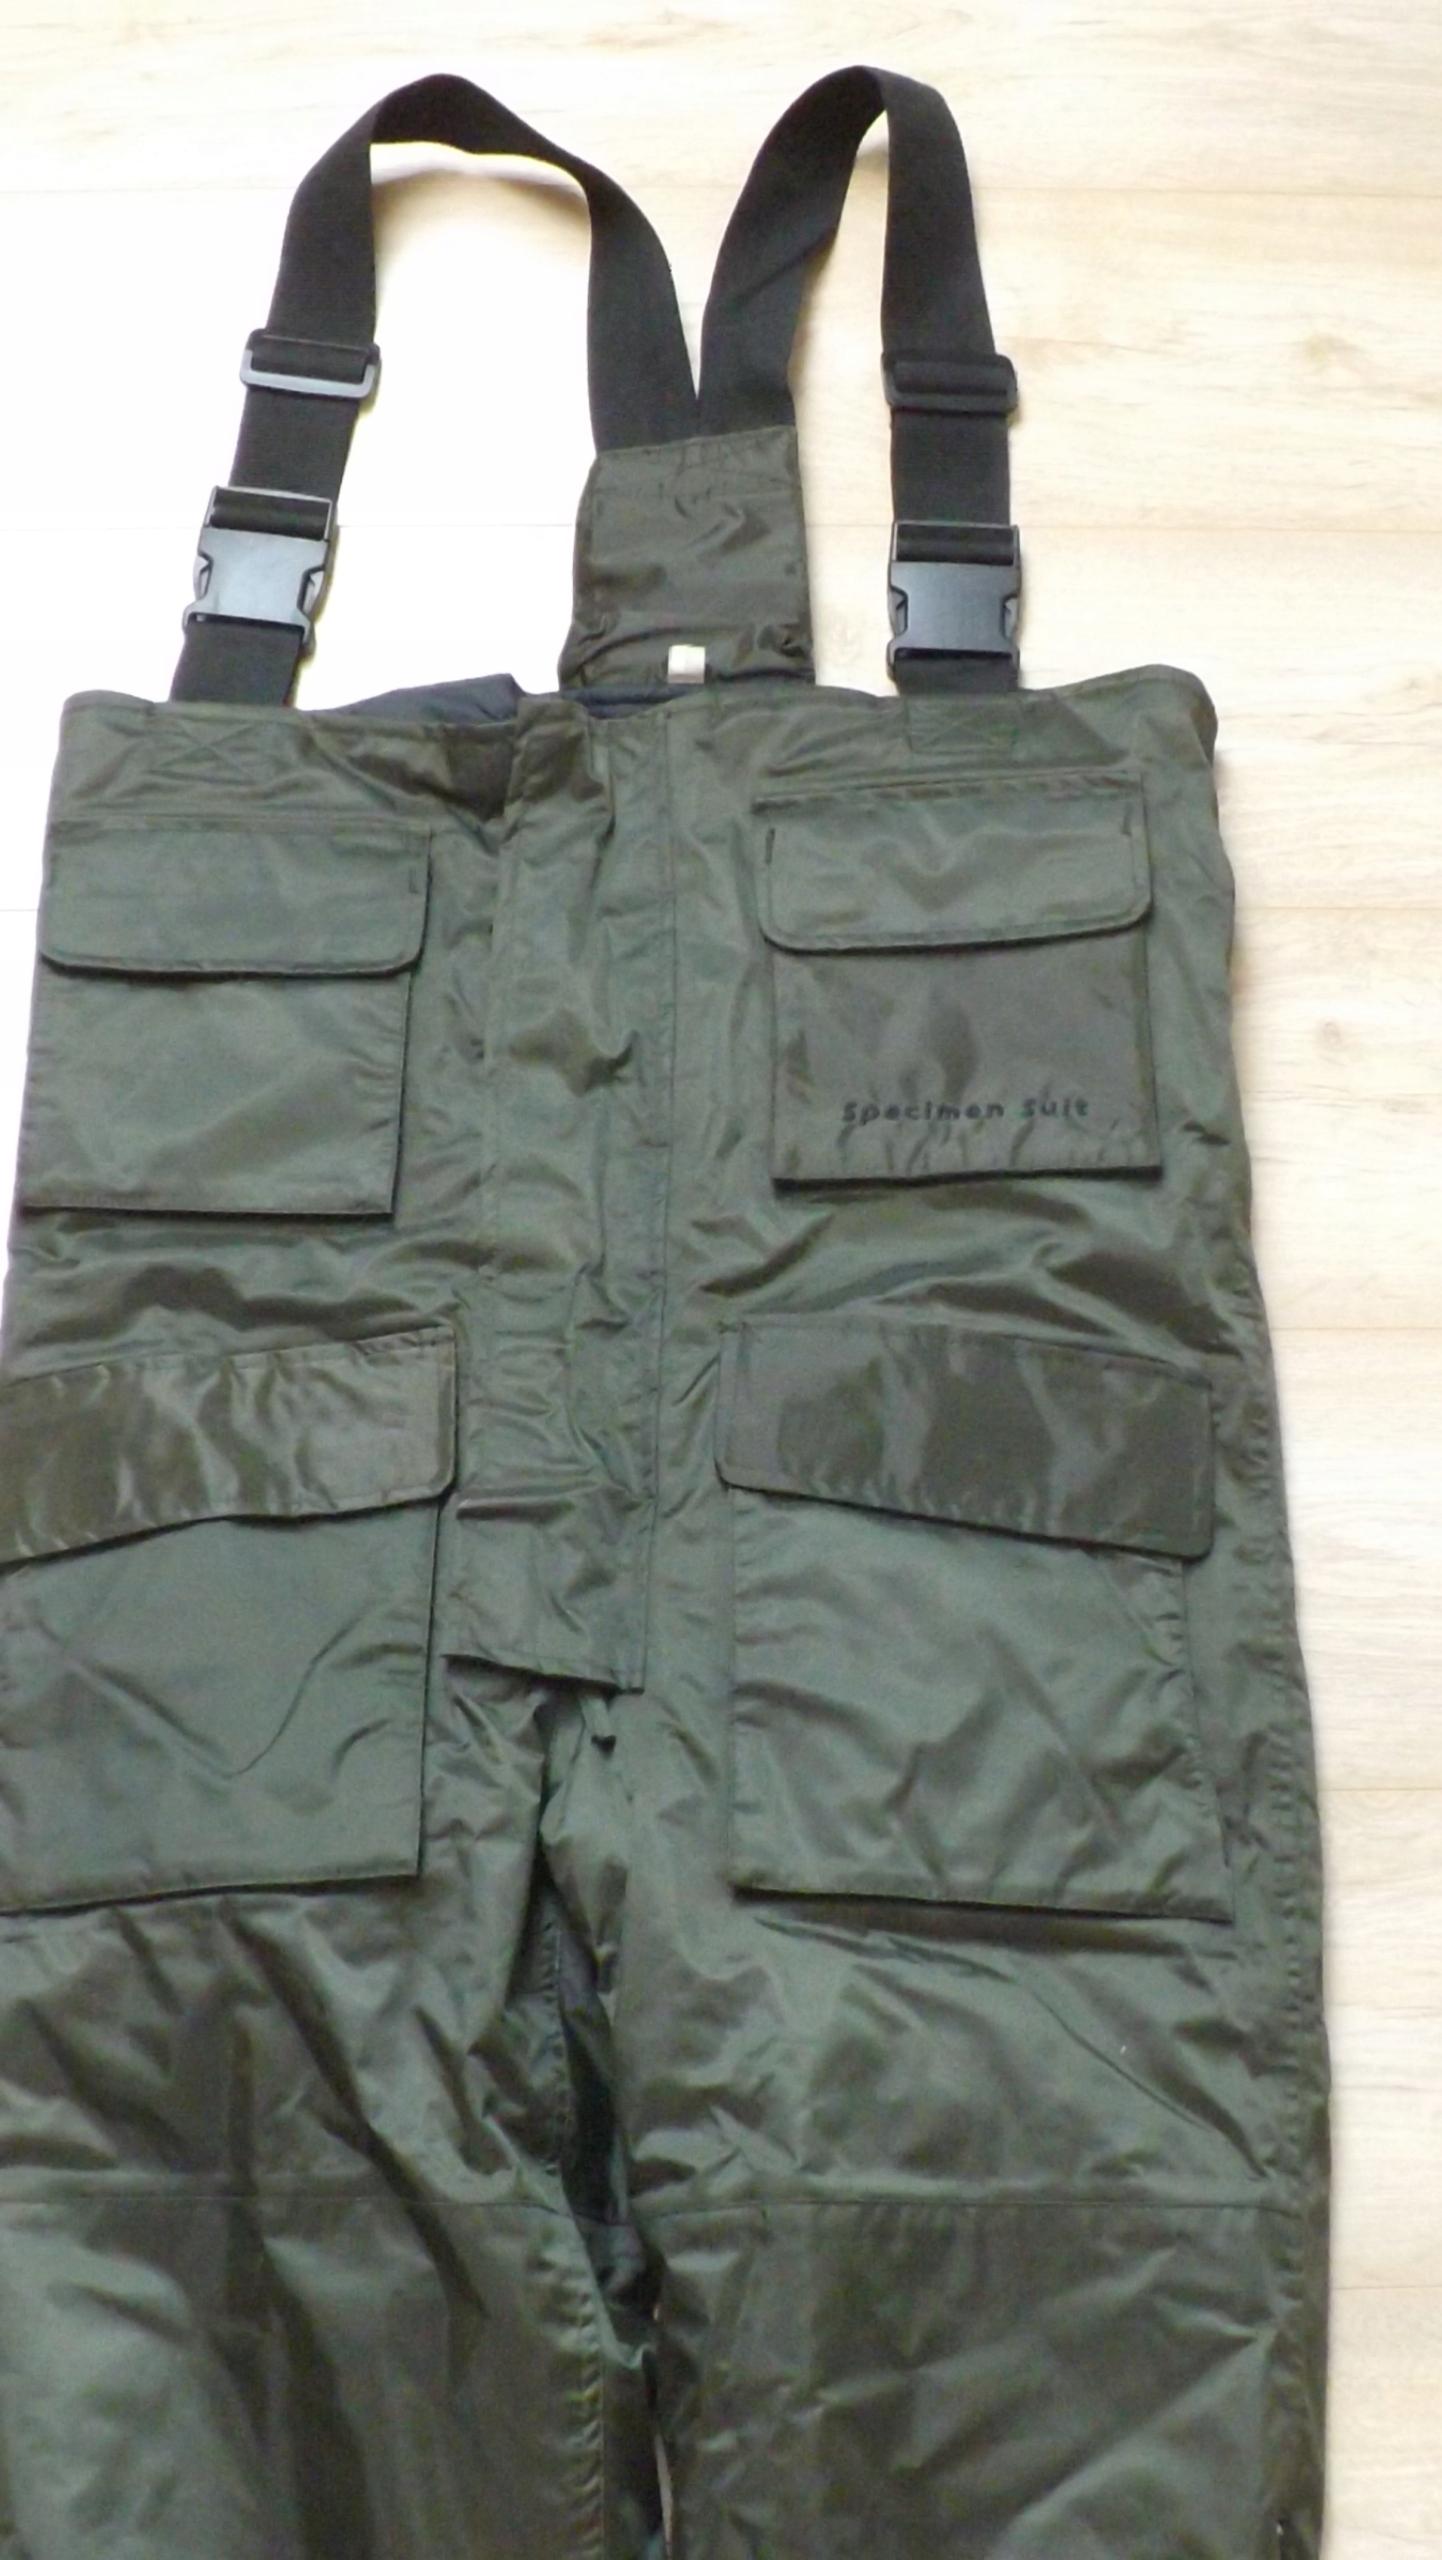 Nowe spodnie Specimen Suit